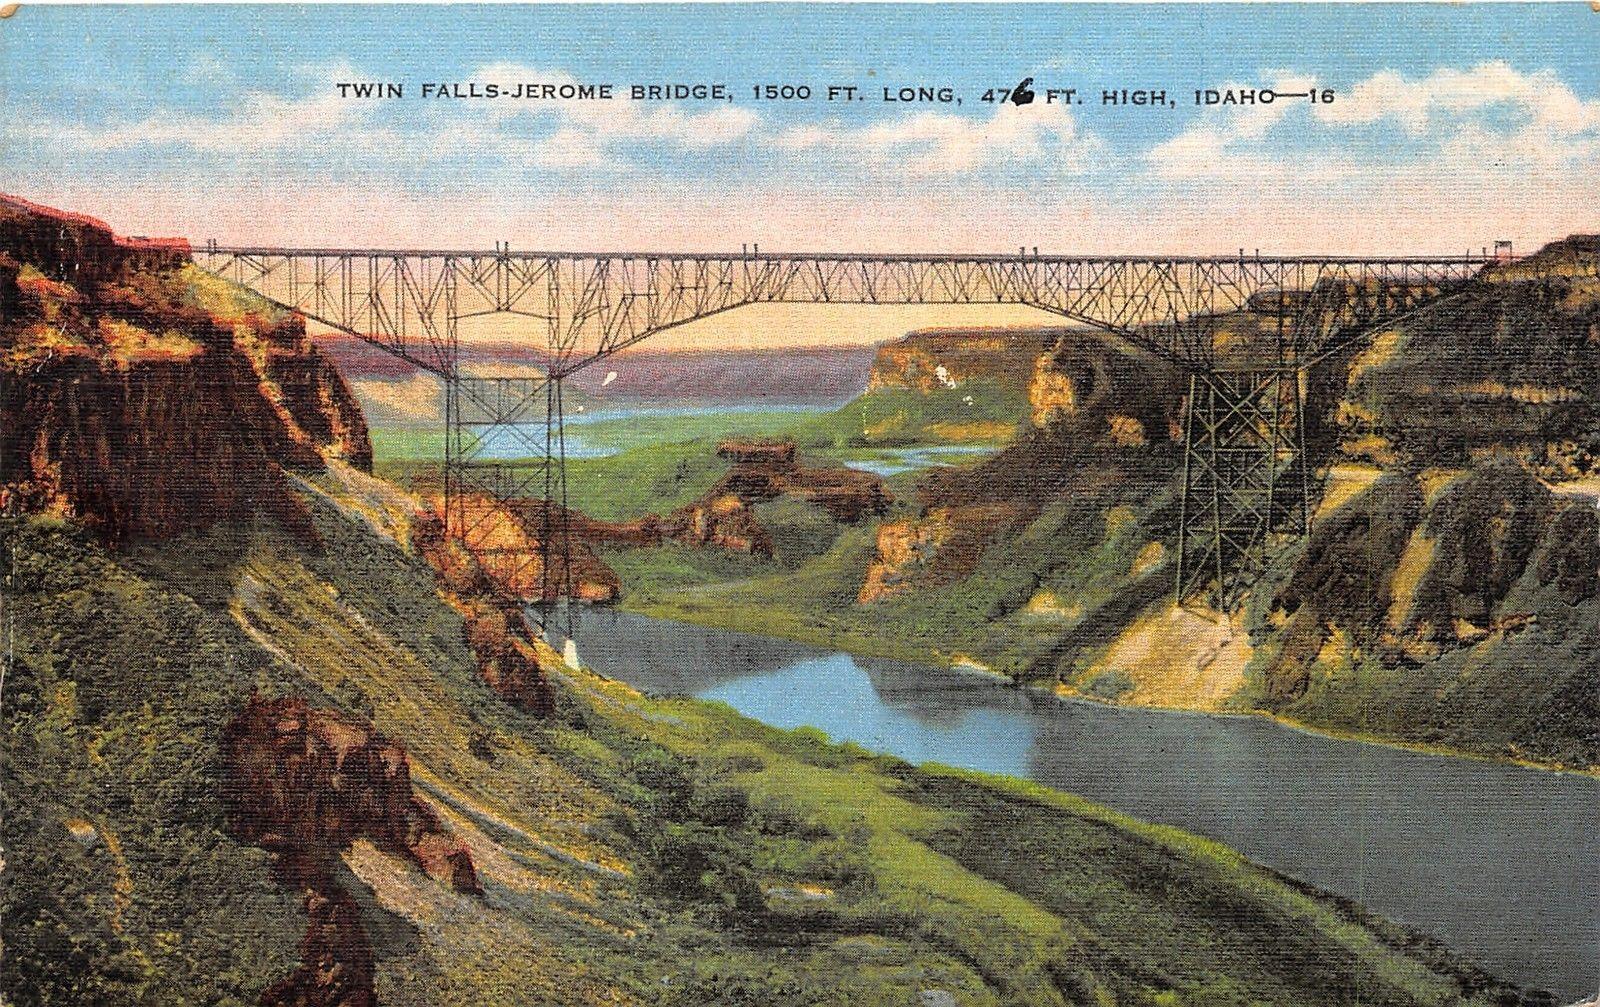 Twin Falls Idahoi B Perrine Bridge Twin Falls Jerome On Snake